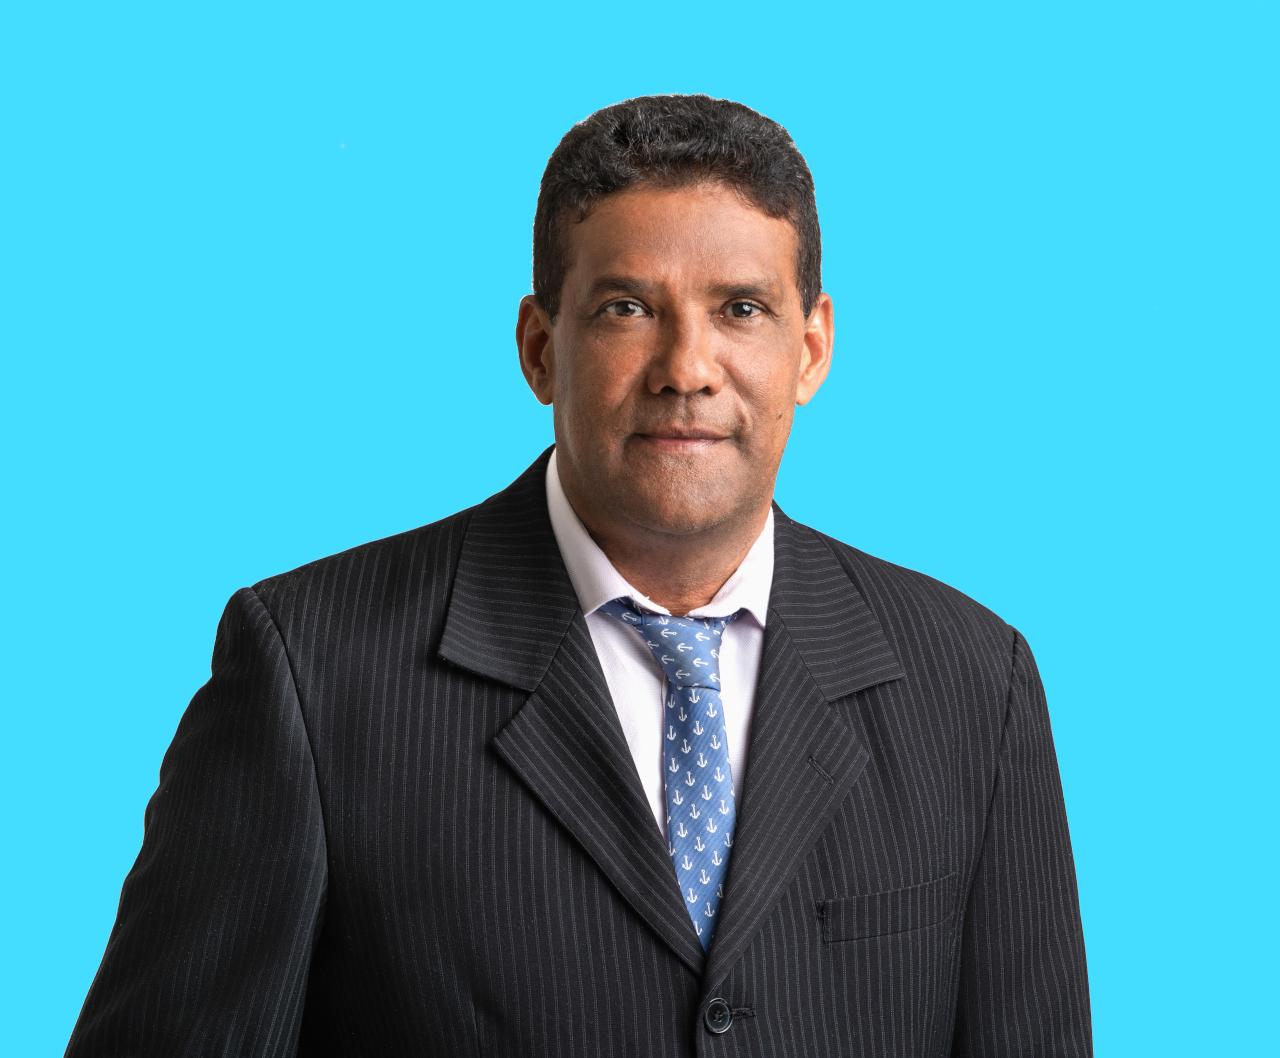 Foto retrato de un hombre vestido con saco y corbata fondo azul